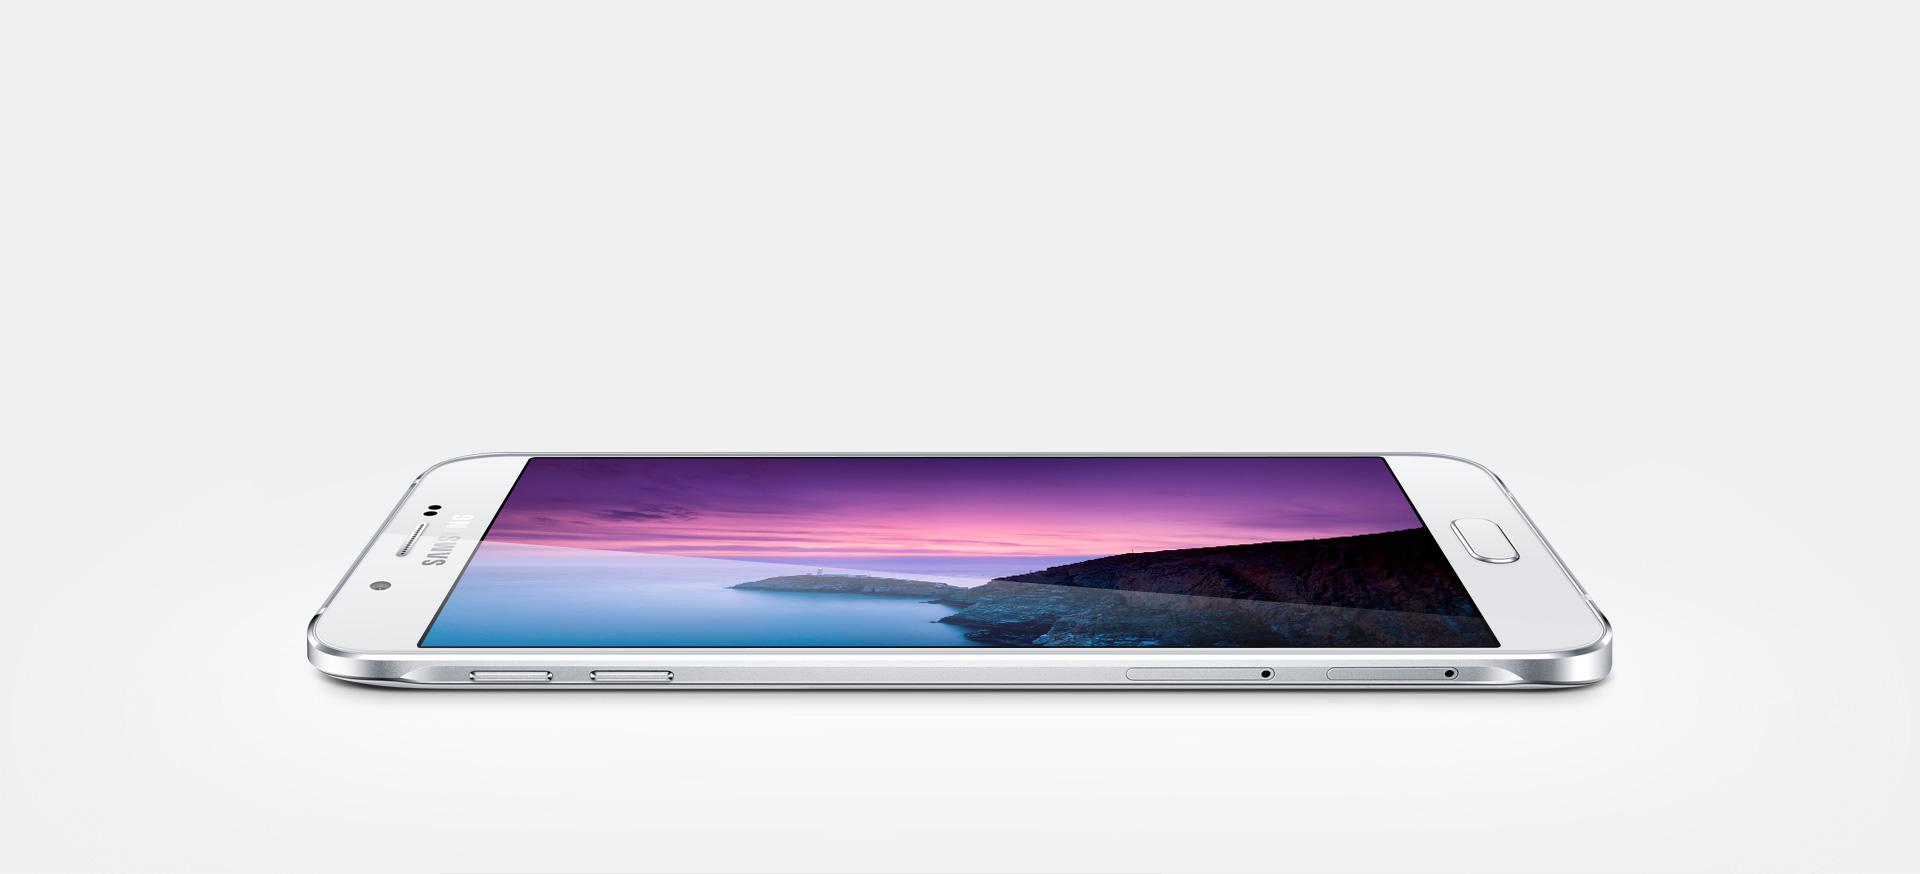 Samsung galaxy a8 2016 pictures official photos - Galaxy A8 1